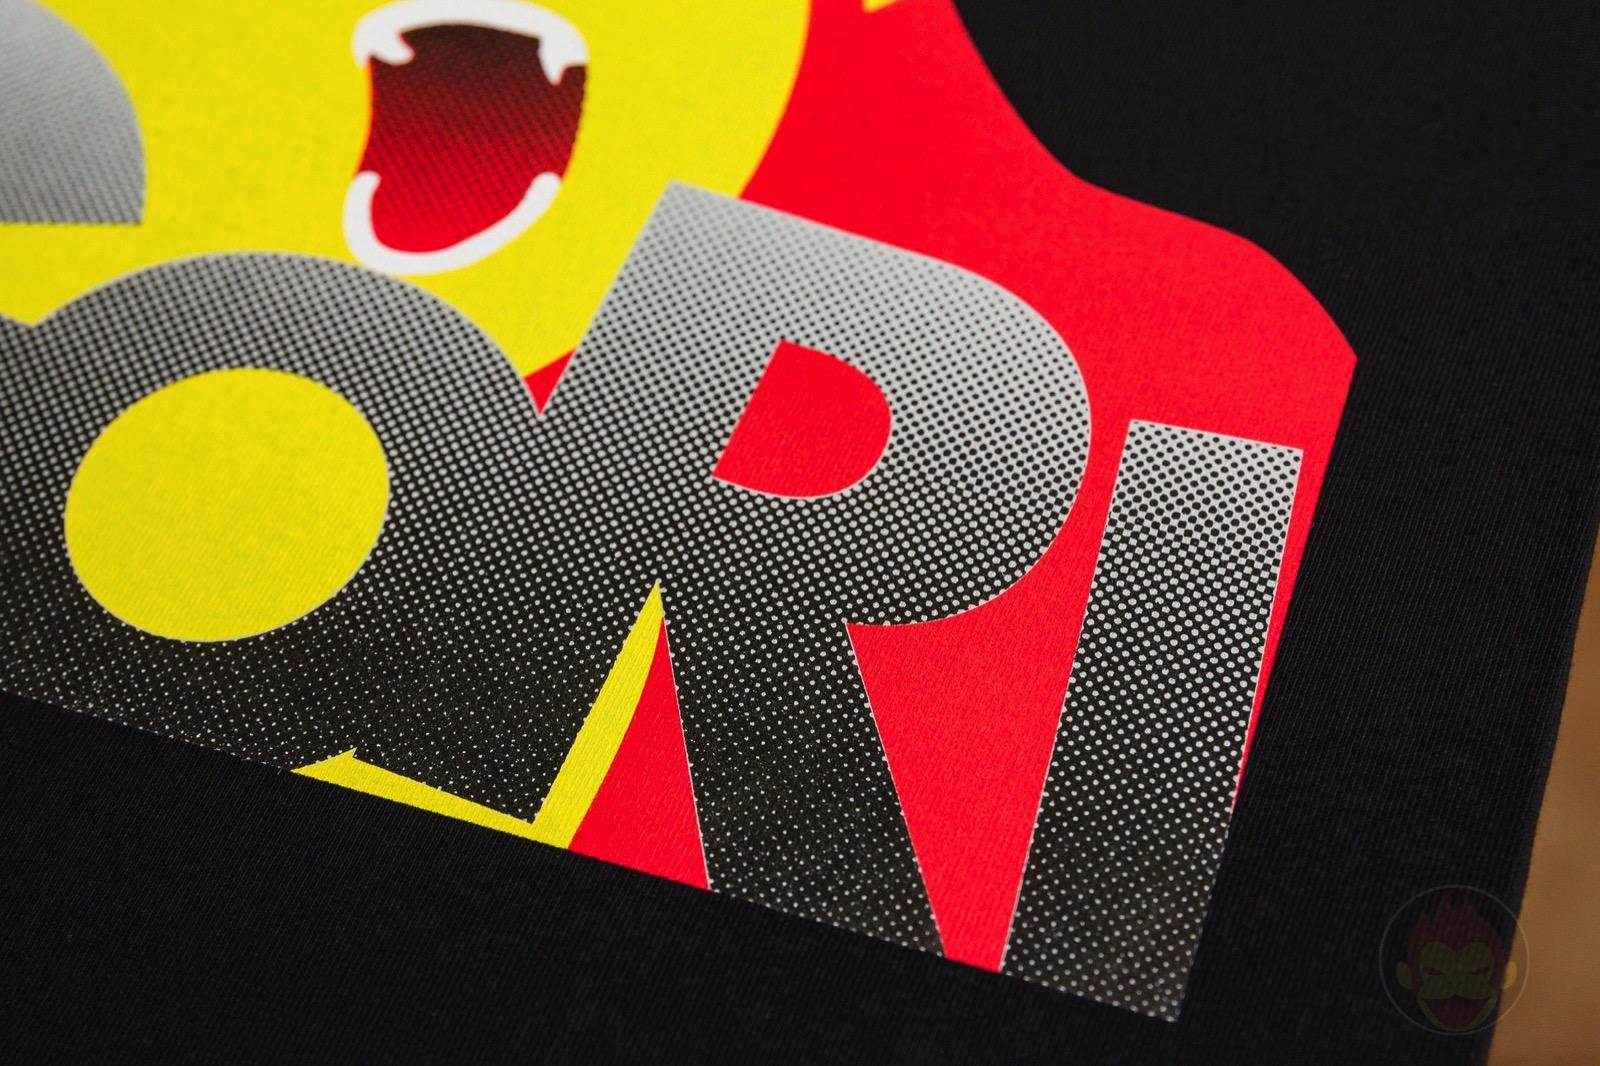 Original-Tshirt-ST-PR-15.jpg